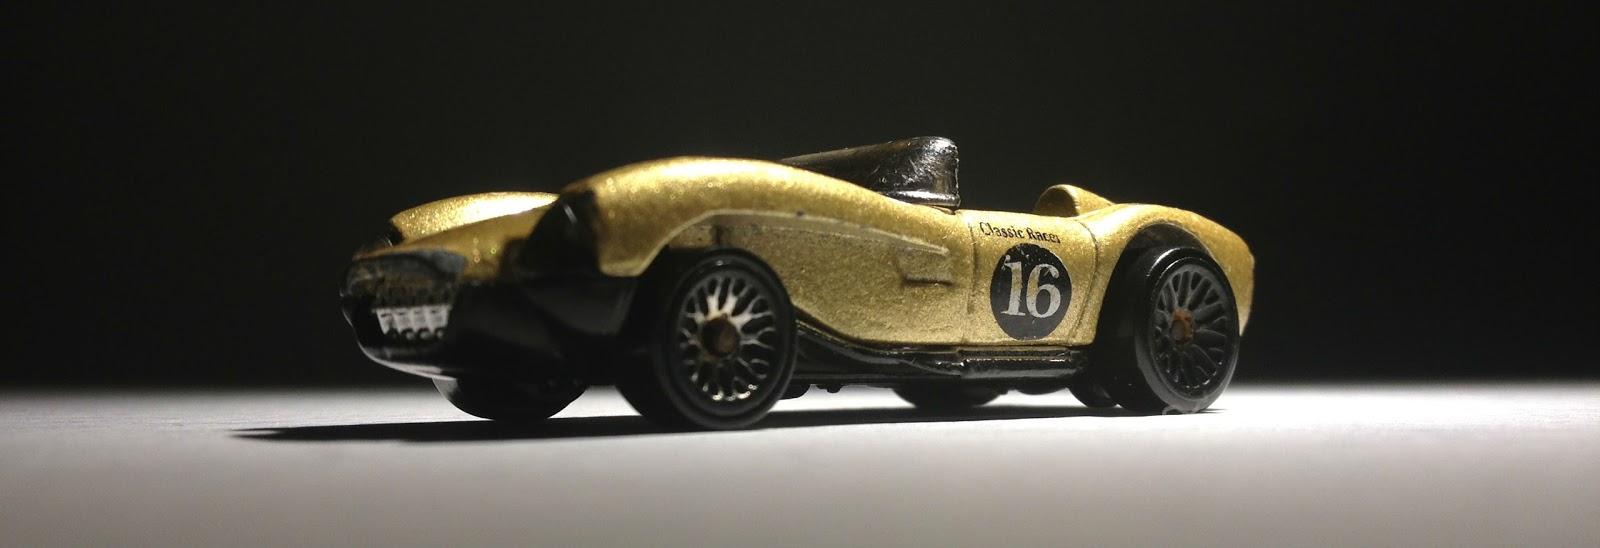 Devon C S Hot Wheels Garage Hot Wheels Ferrari 1990 Gold Classic Racer